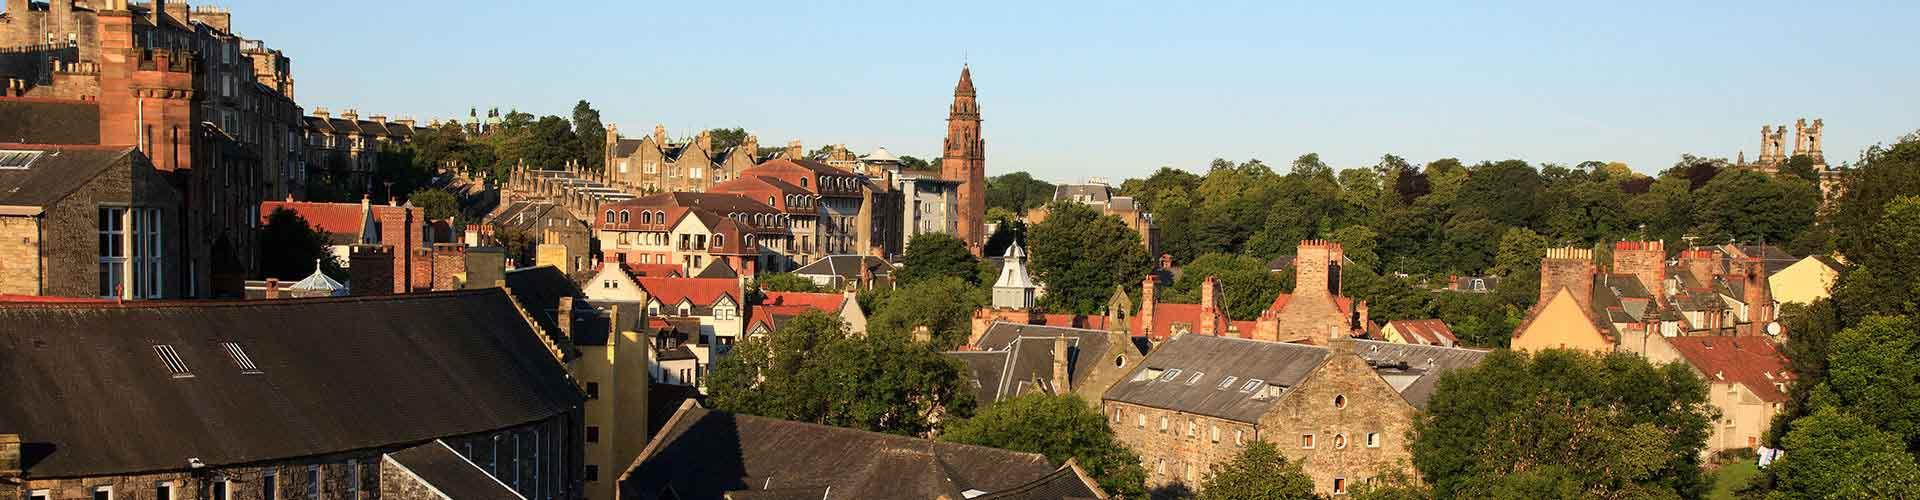 Edimbourg - Appartements dans le quartier de Dean Village. Cartes pour Edimbourg, photos et commentaires pour chaque appartement à Edimbourg.